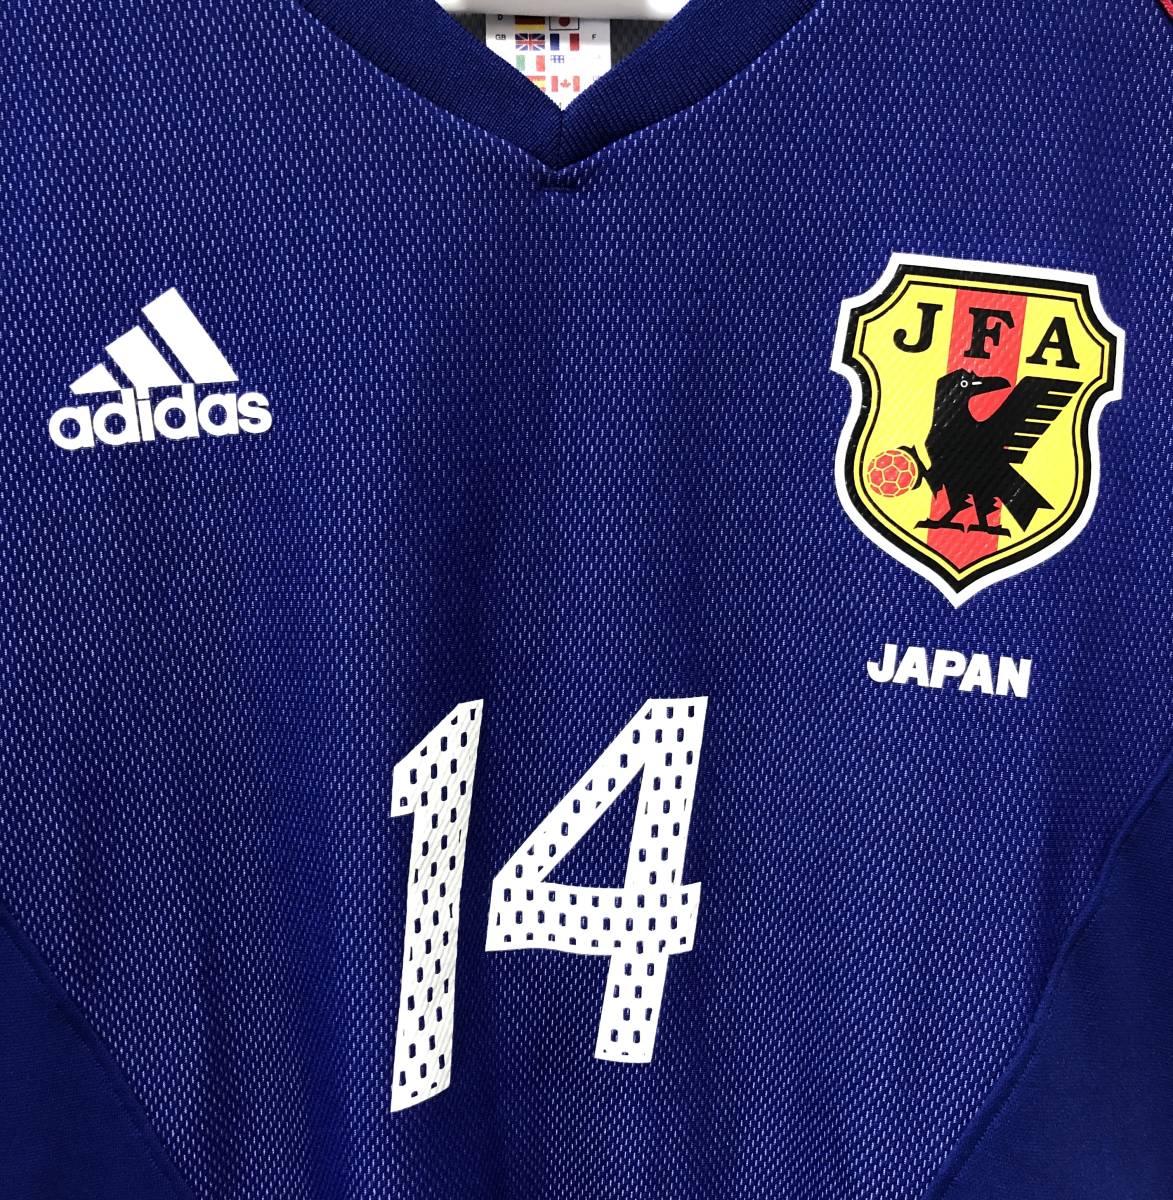 アディダス 日本代表 2002年 日韓W杯モデル 背番号14 ホーム ユニフォーム サイズM 日本製_画像4